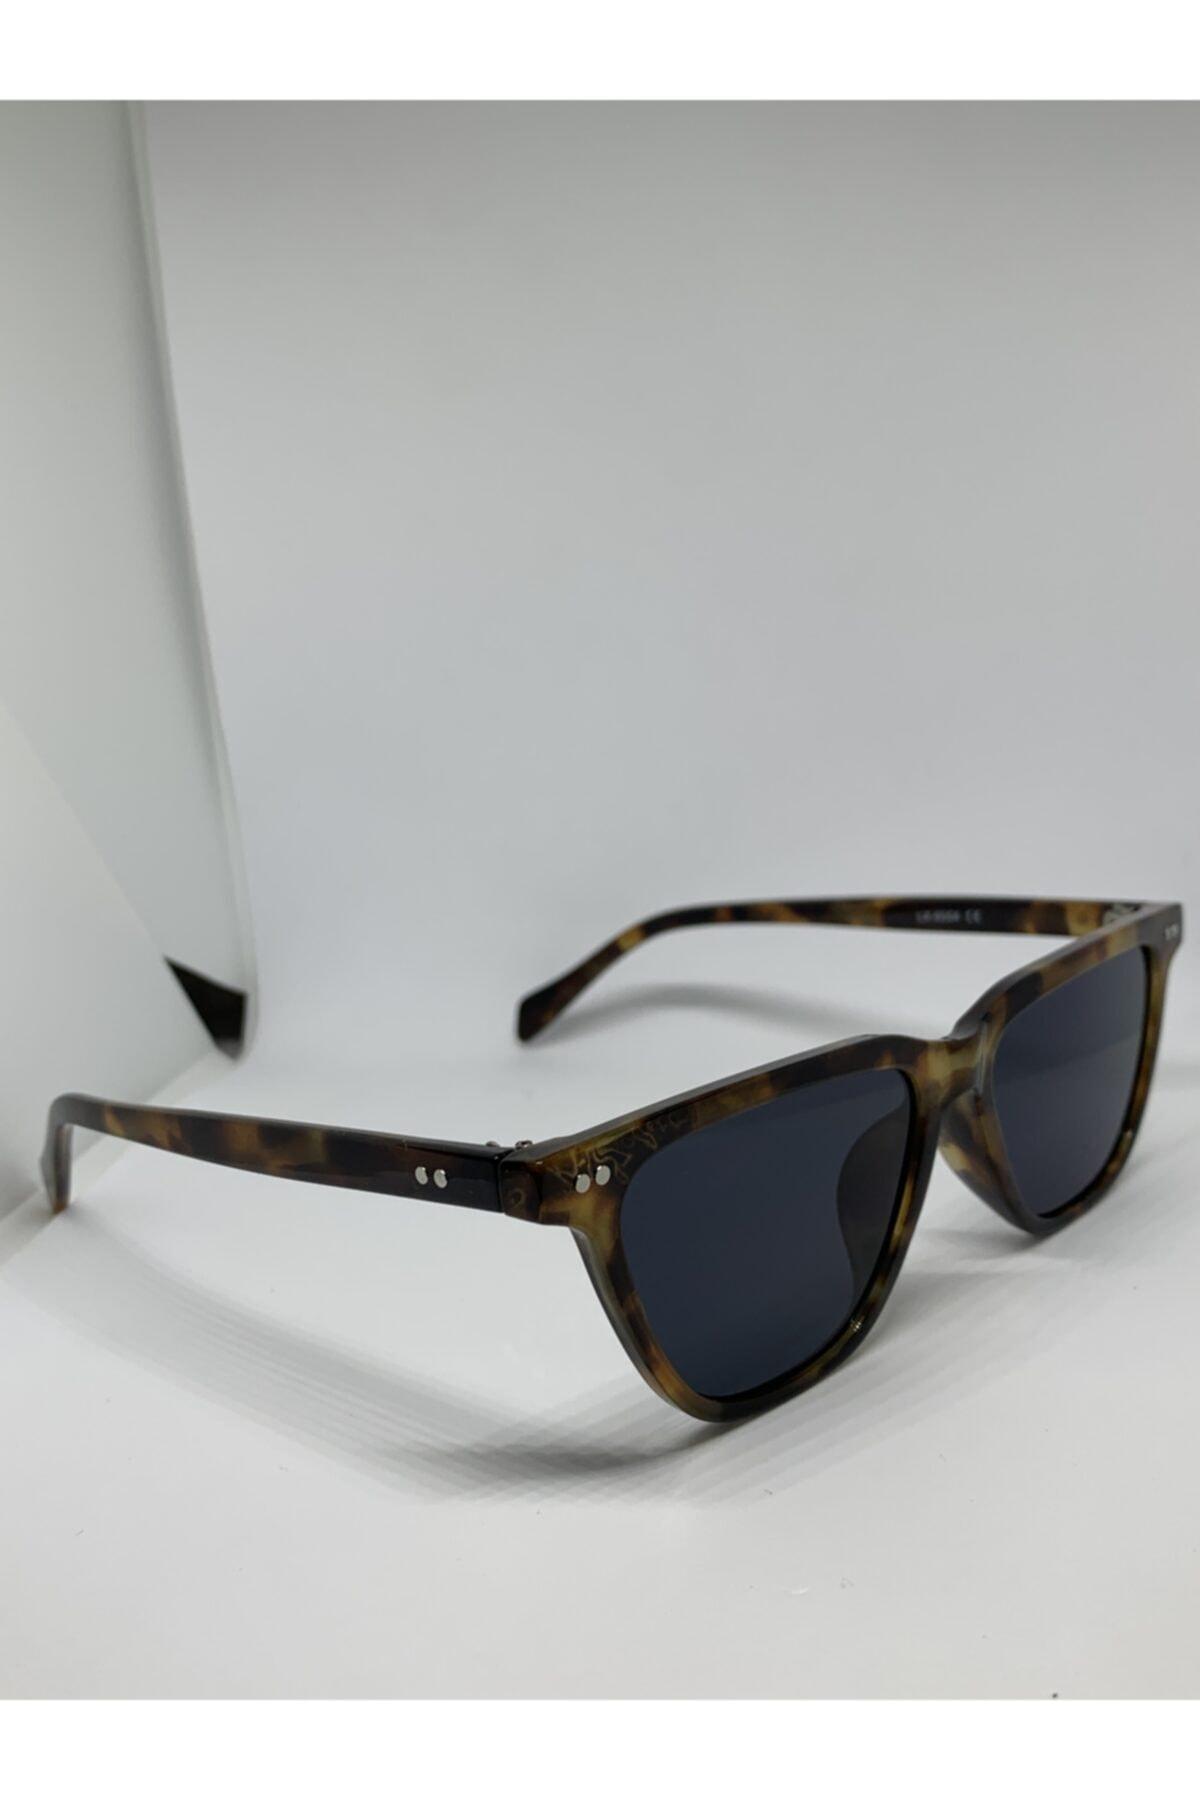 Toz Vintage Siyah Leopar Güneş Gözlüğü 2